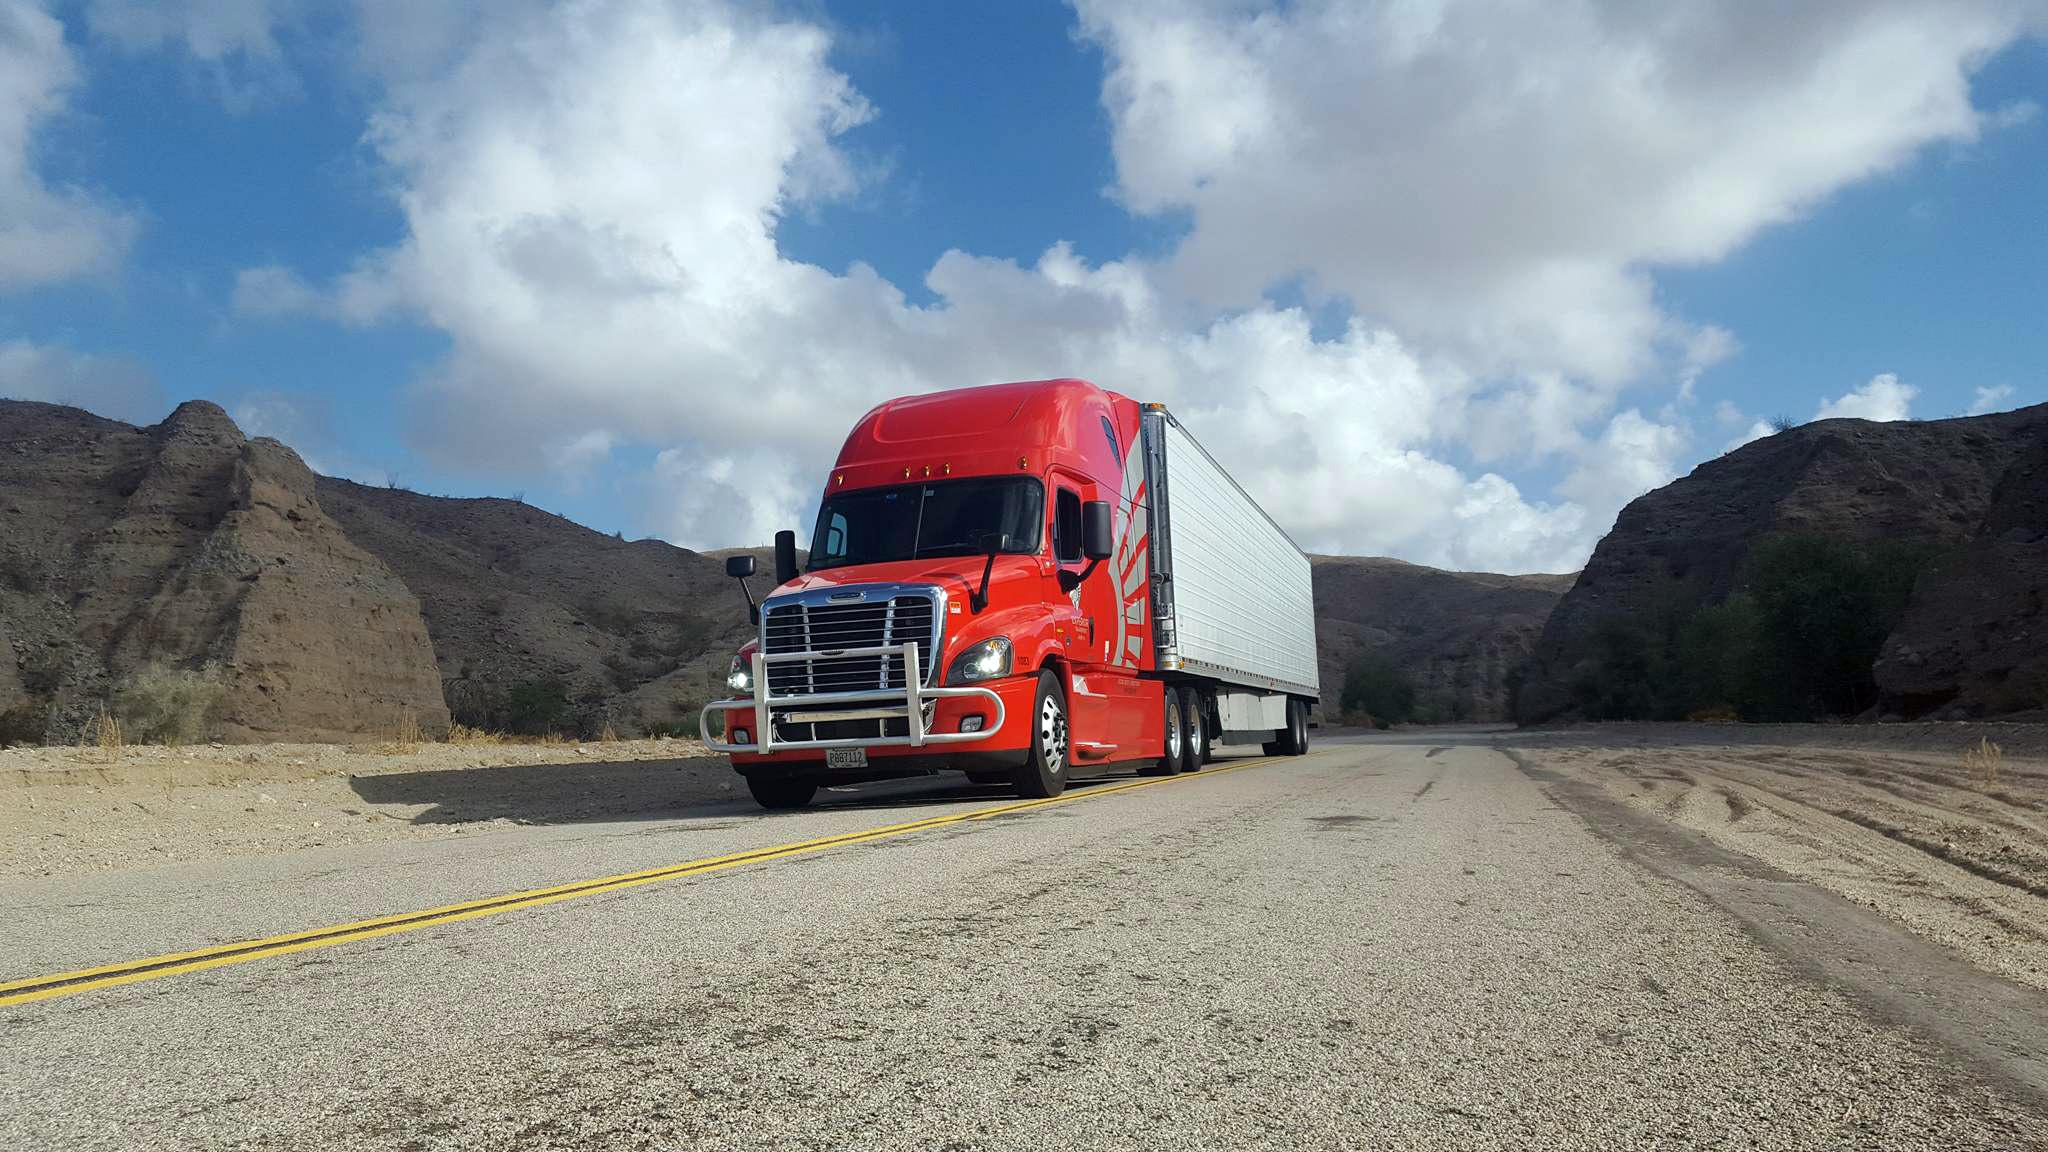 Truck on open road